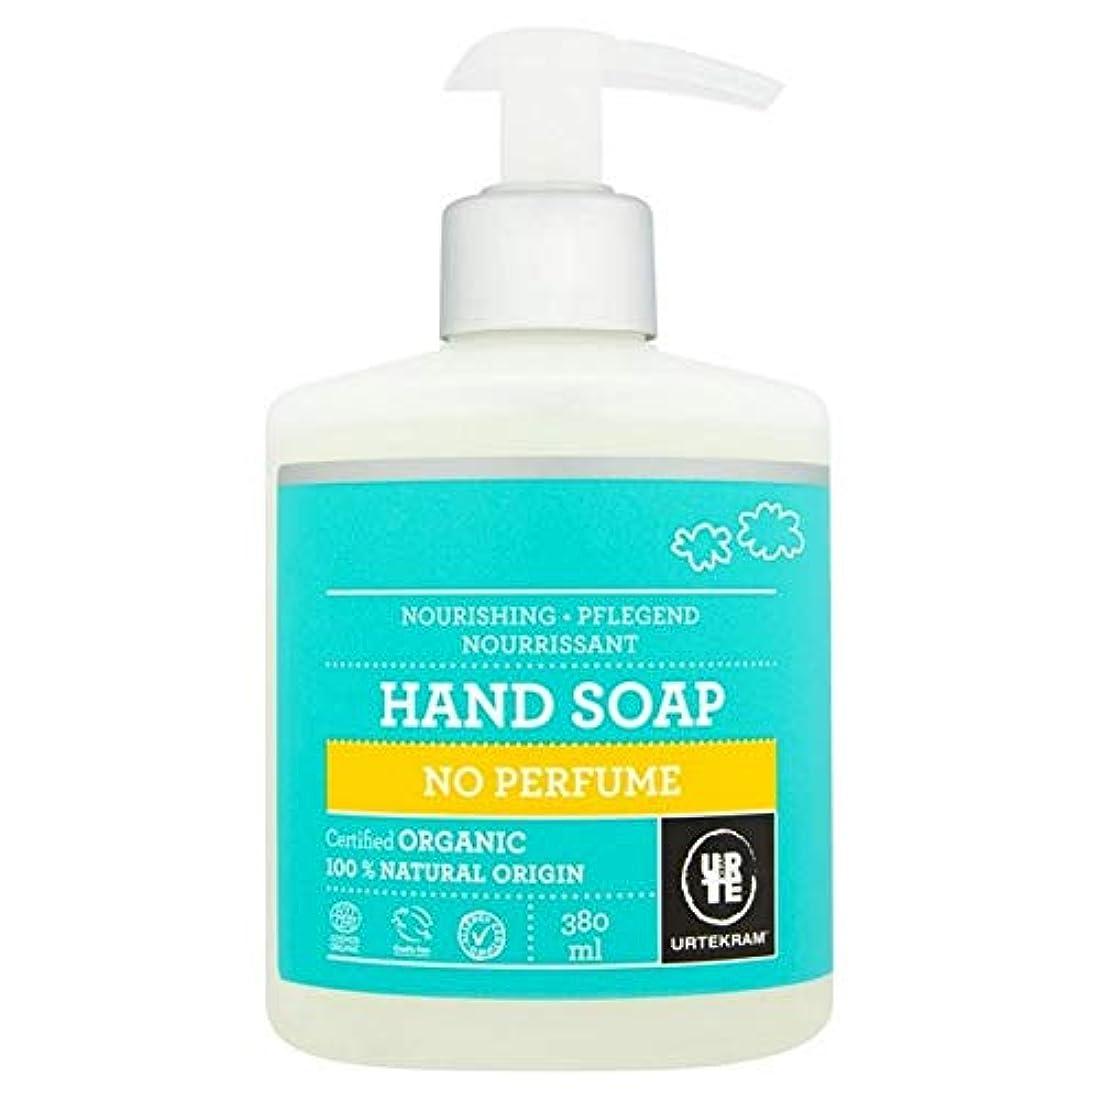 やがて本会議悪因子[Urtekram] 何の香水、液体ハンドソープ380ミリリットルをUrtekramありません - Urtekram No Perfume Liquid Hand Soap 380ml [並行輸入品]